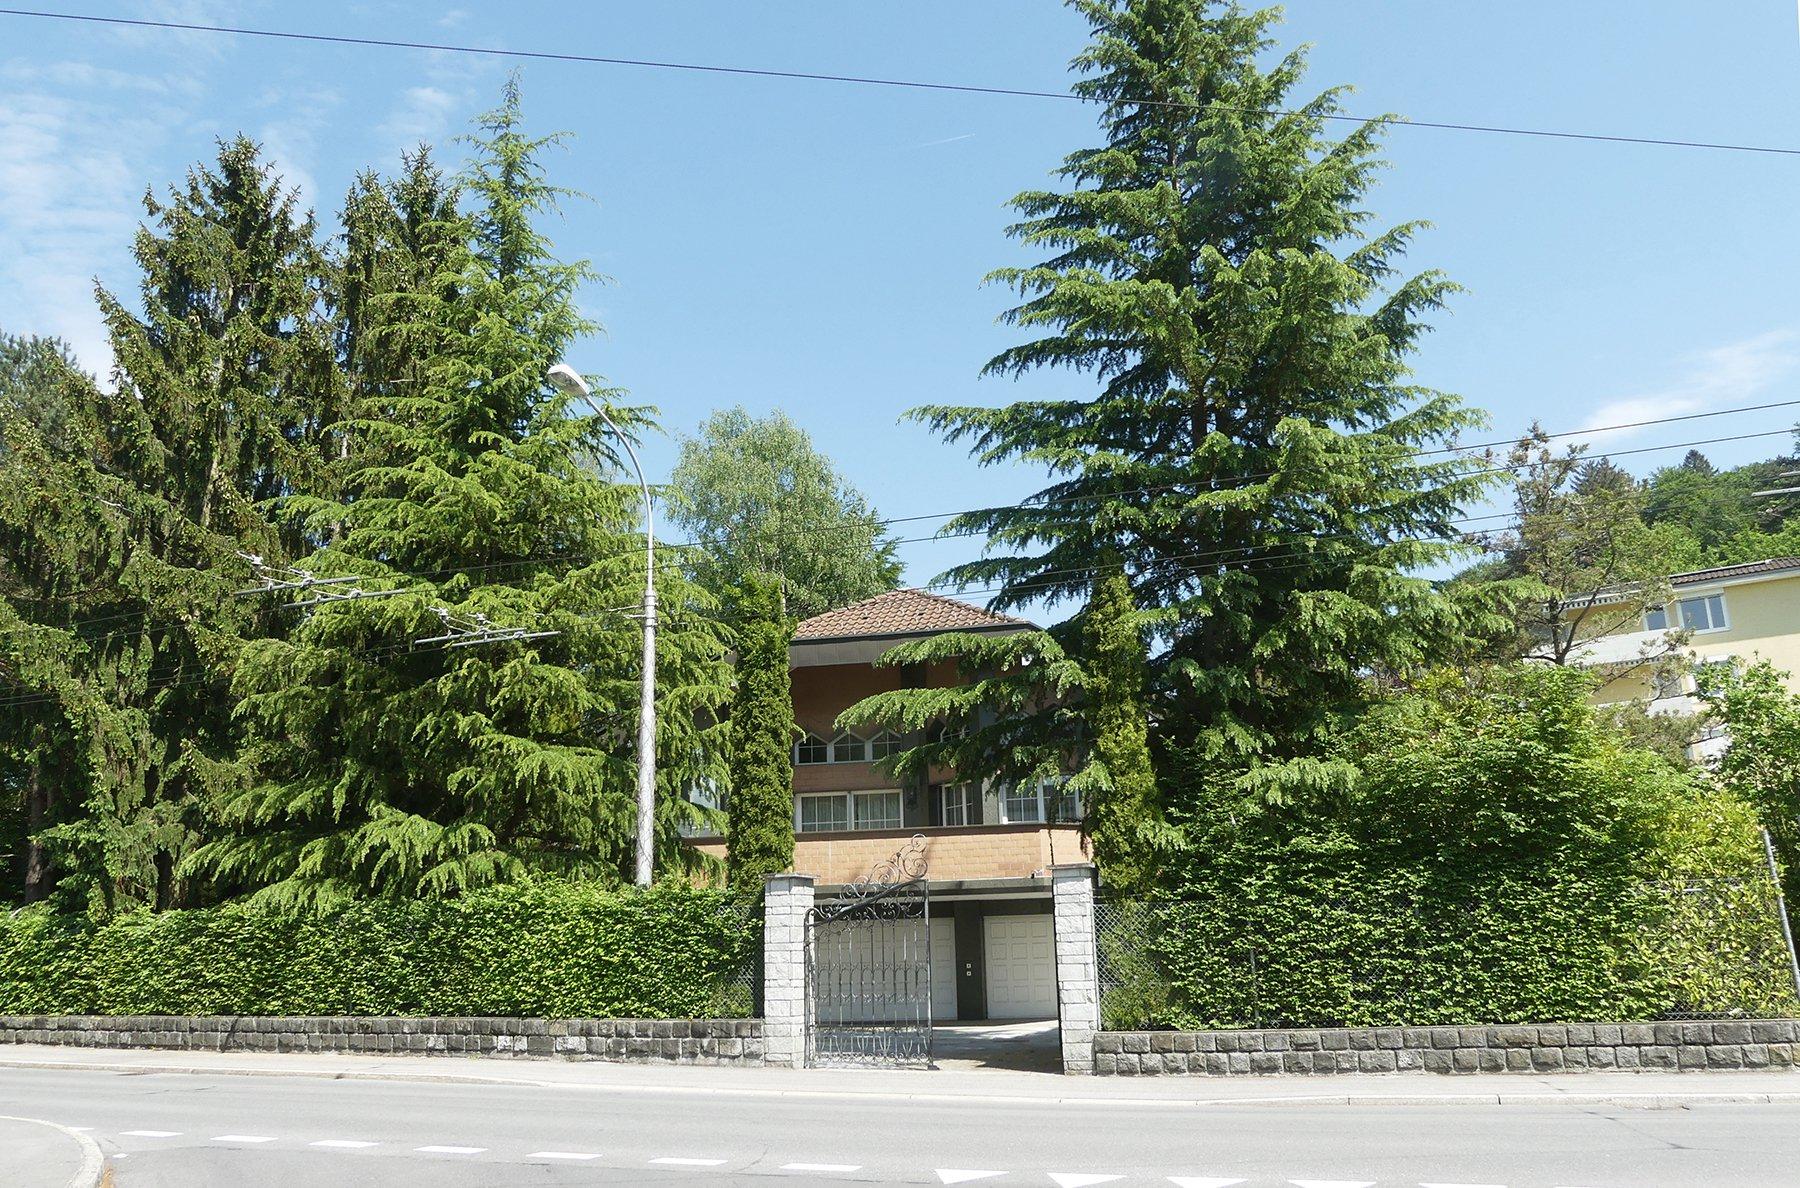 So sah es einst aus : Die Liegenschaft an der Sternmattstrasse 68 war von hohen Tannen, Gebüschen und einem Zaun umgeben.